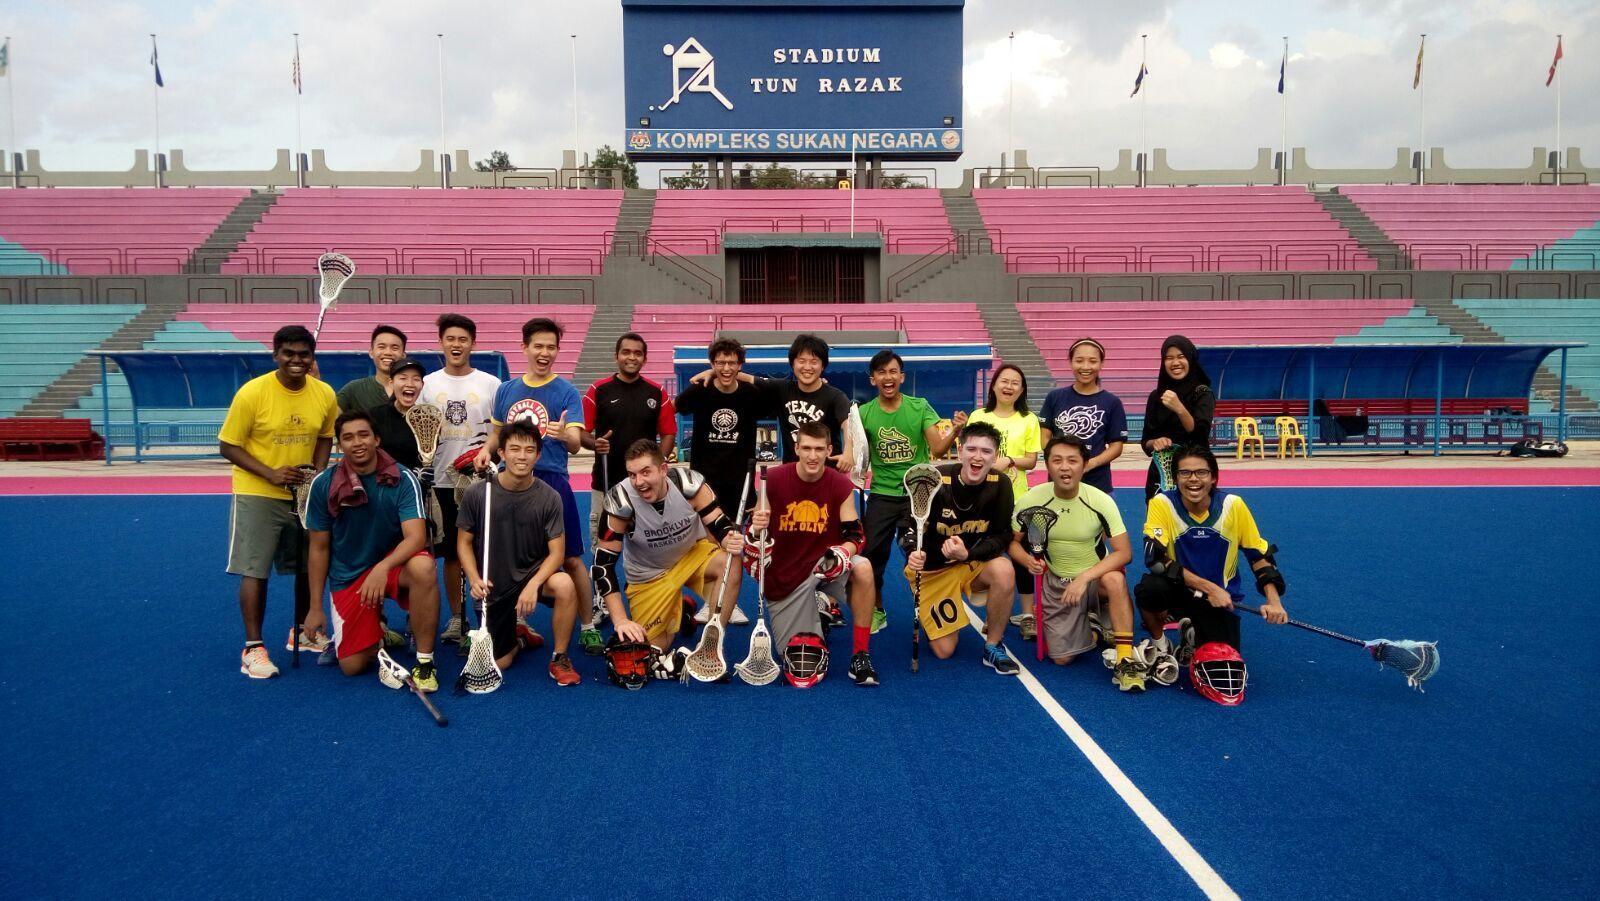 Kết quả hình ảnh cho Lacrosse malaysia